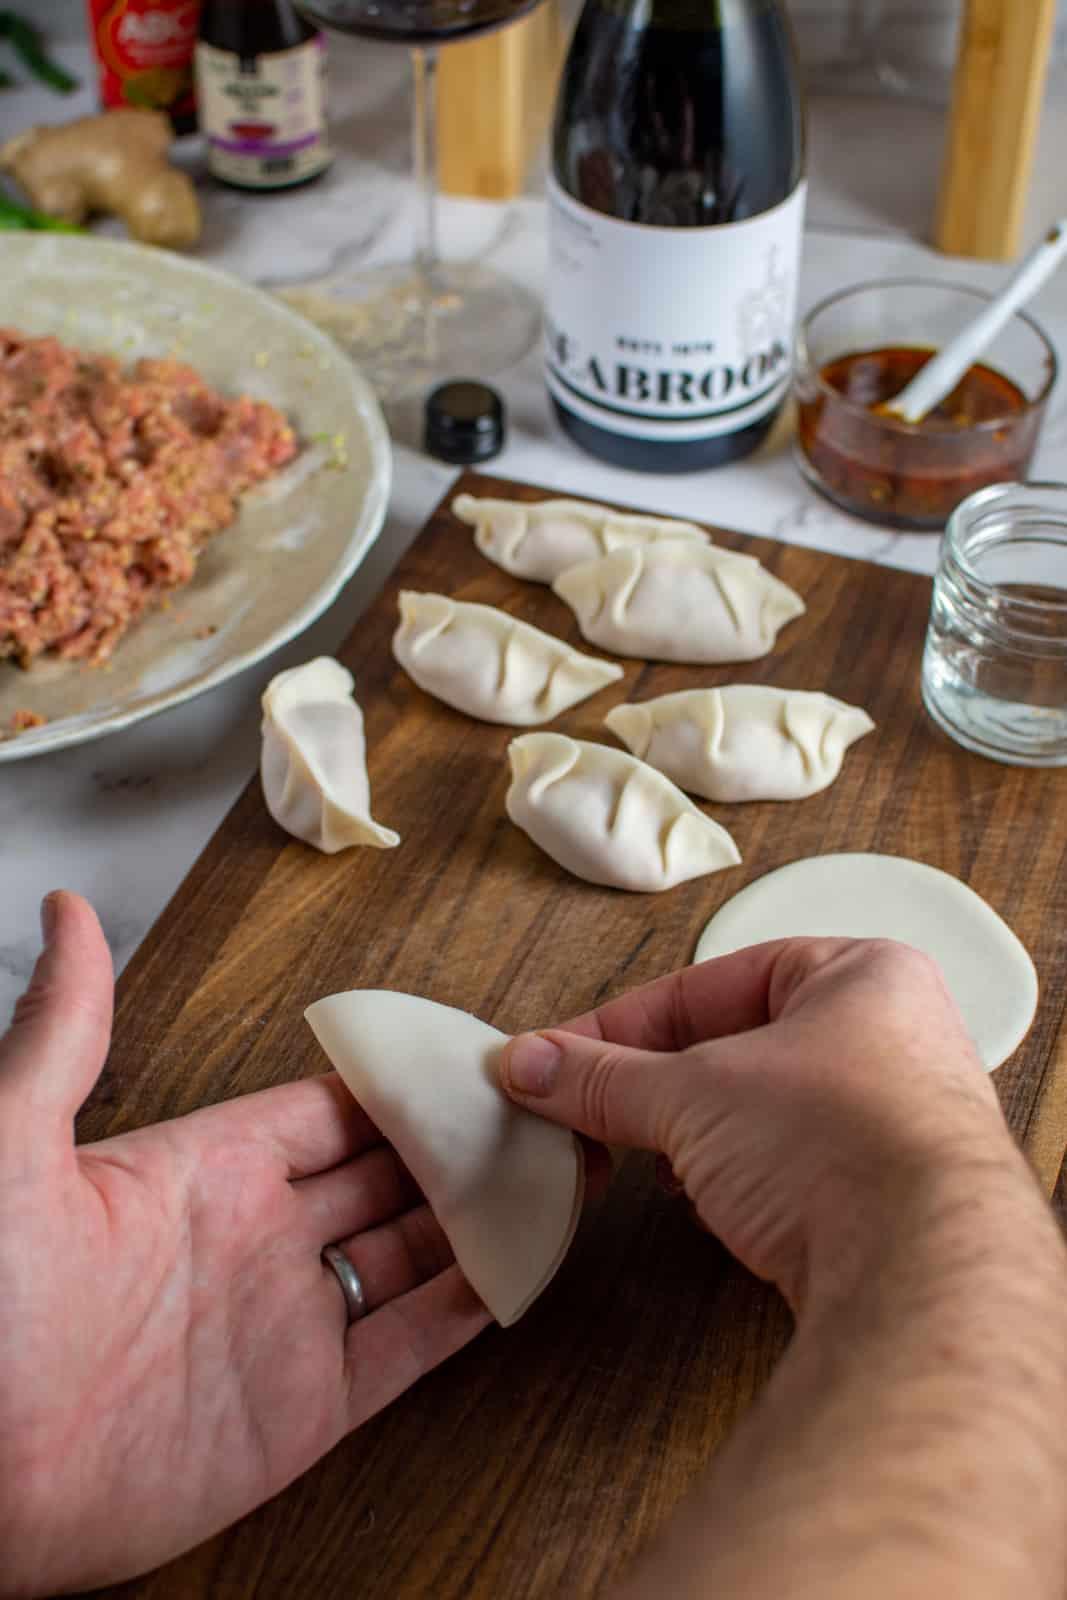 A dumpling wrapper being folded